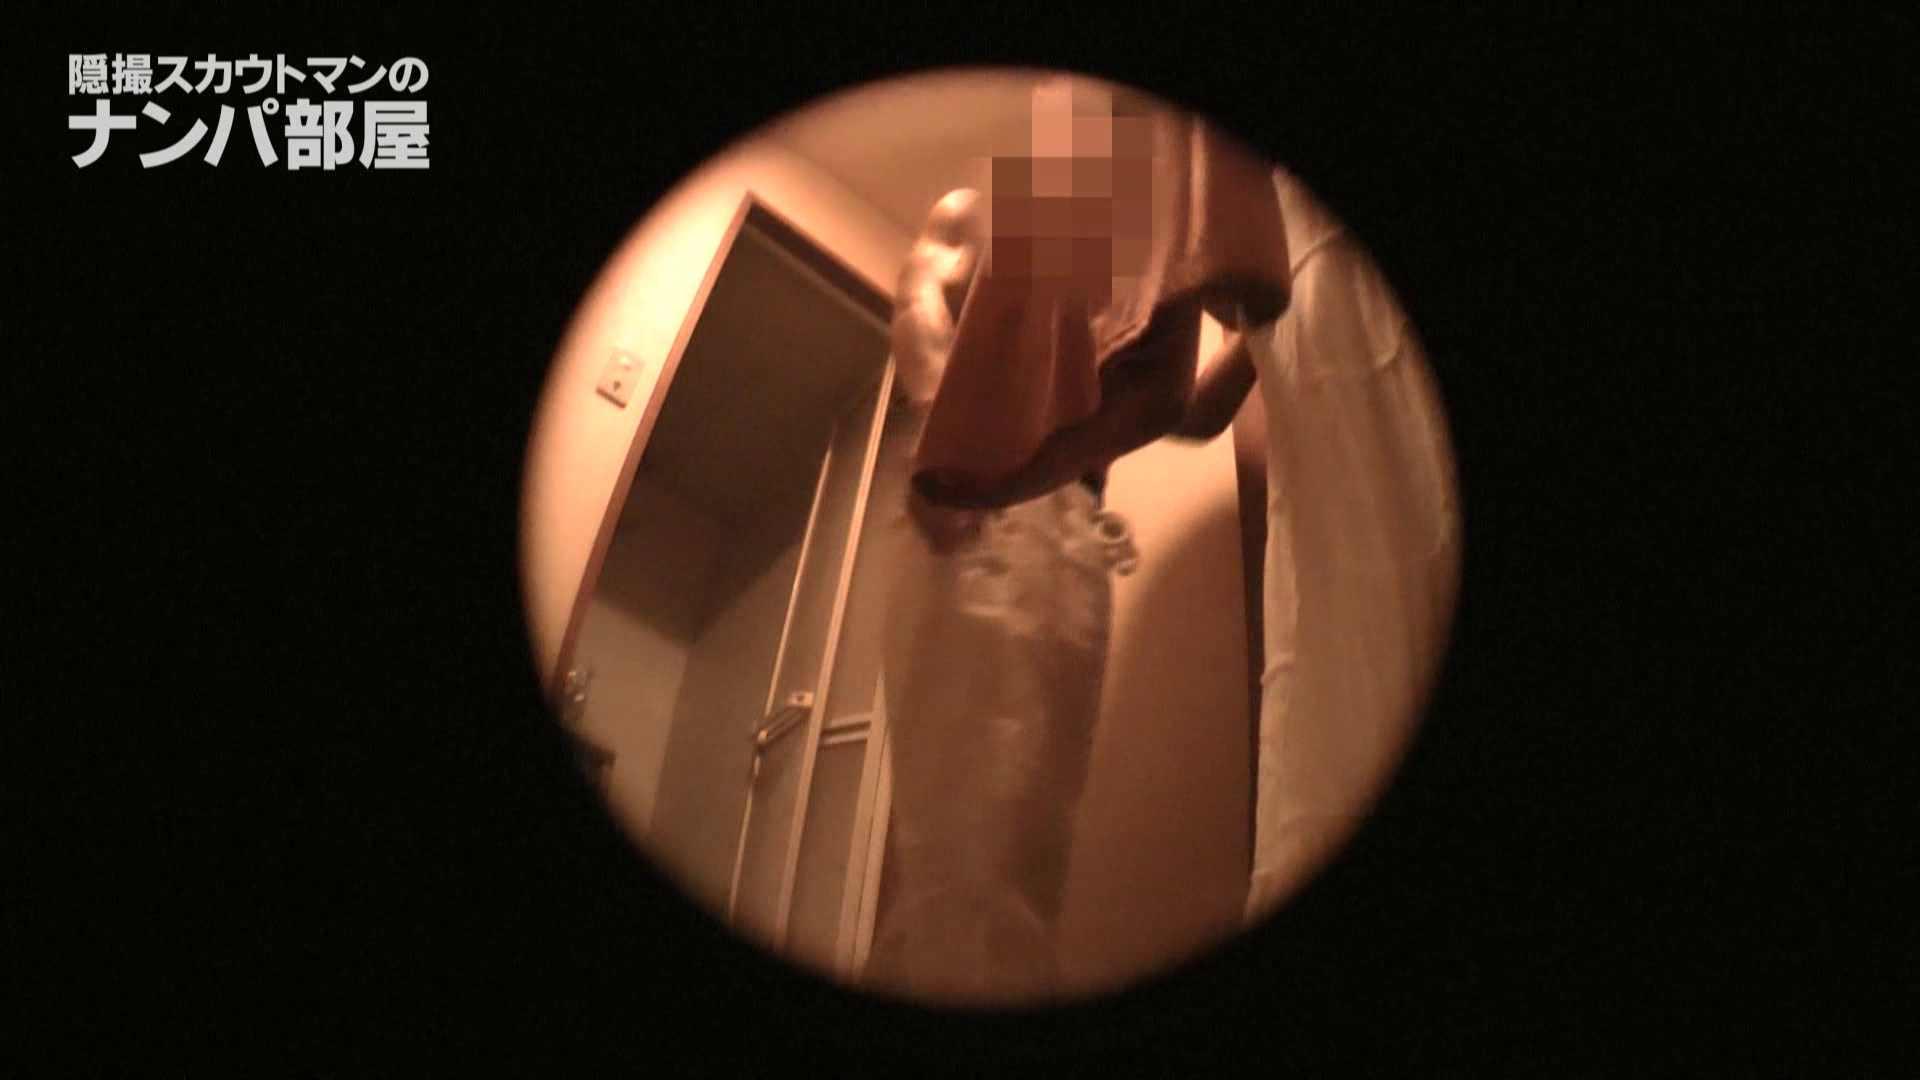 隠撮スカウトマンのナンパ部屋~風俗デビュー前のつまみ食い~hanavol.4 隠撮 | シャワー  90PIX 22